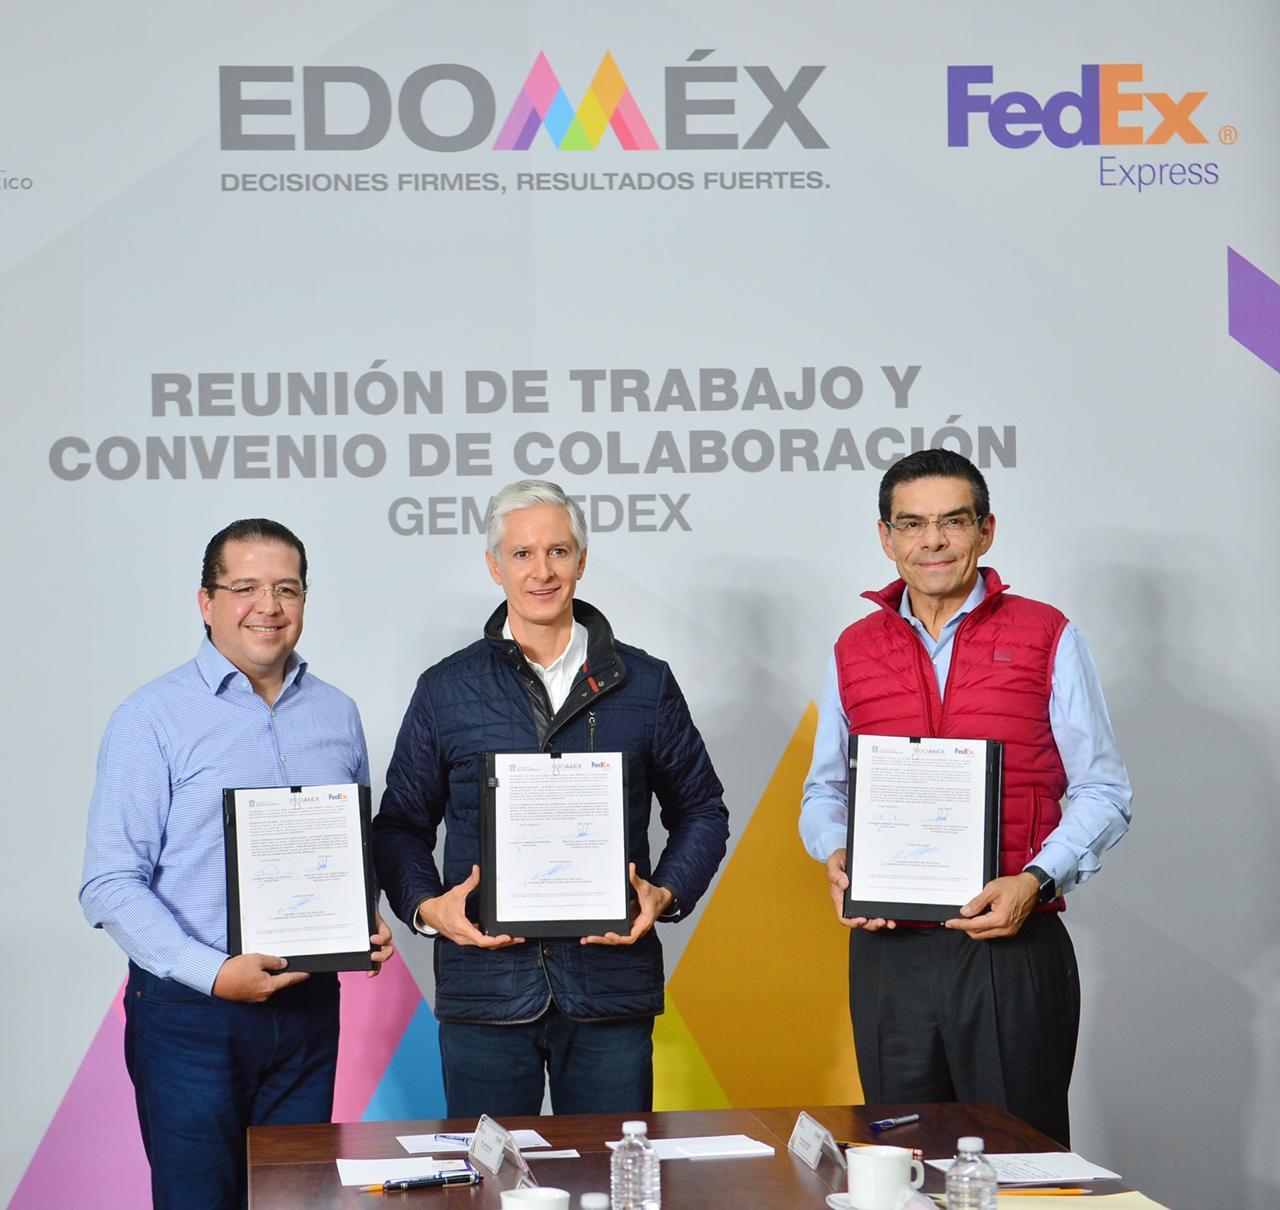 FIRMA DEL MAZO CONVENIO CON FEDEX A FAVOR DE MICRO, PEQUEÑAS Y MEDIANAS EMPRESAS